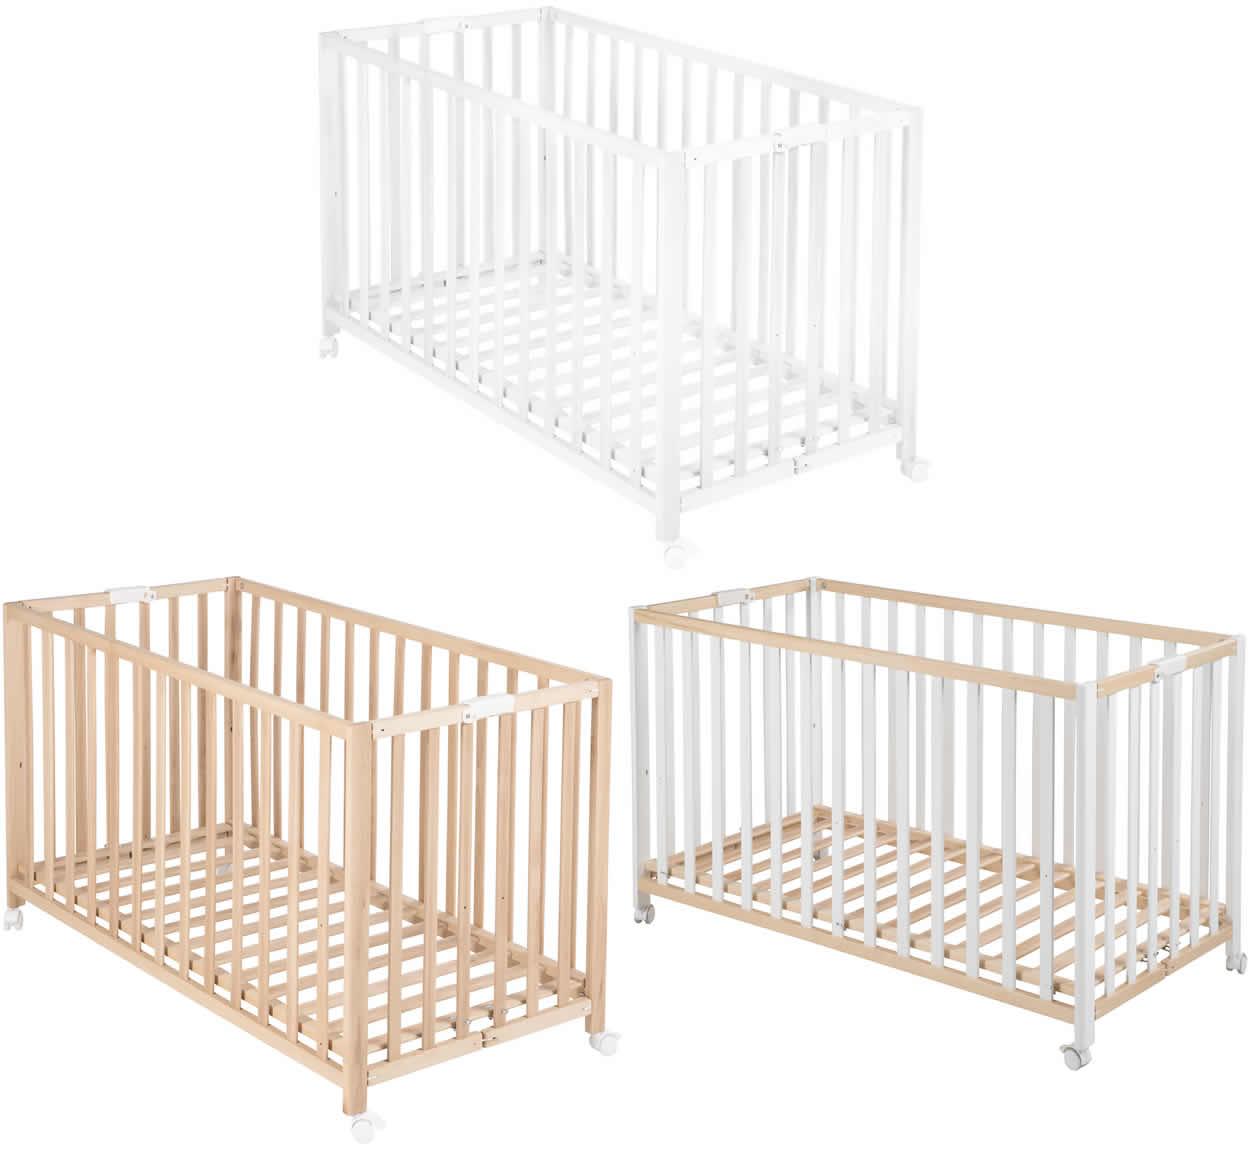 roba klappbett fold up kinderbett babybett bett klappbar 120x60 cm holz ebay. Black Bedroom Furniture Sets. Home Design Ideas